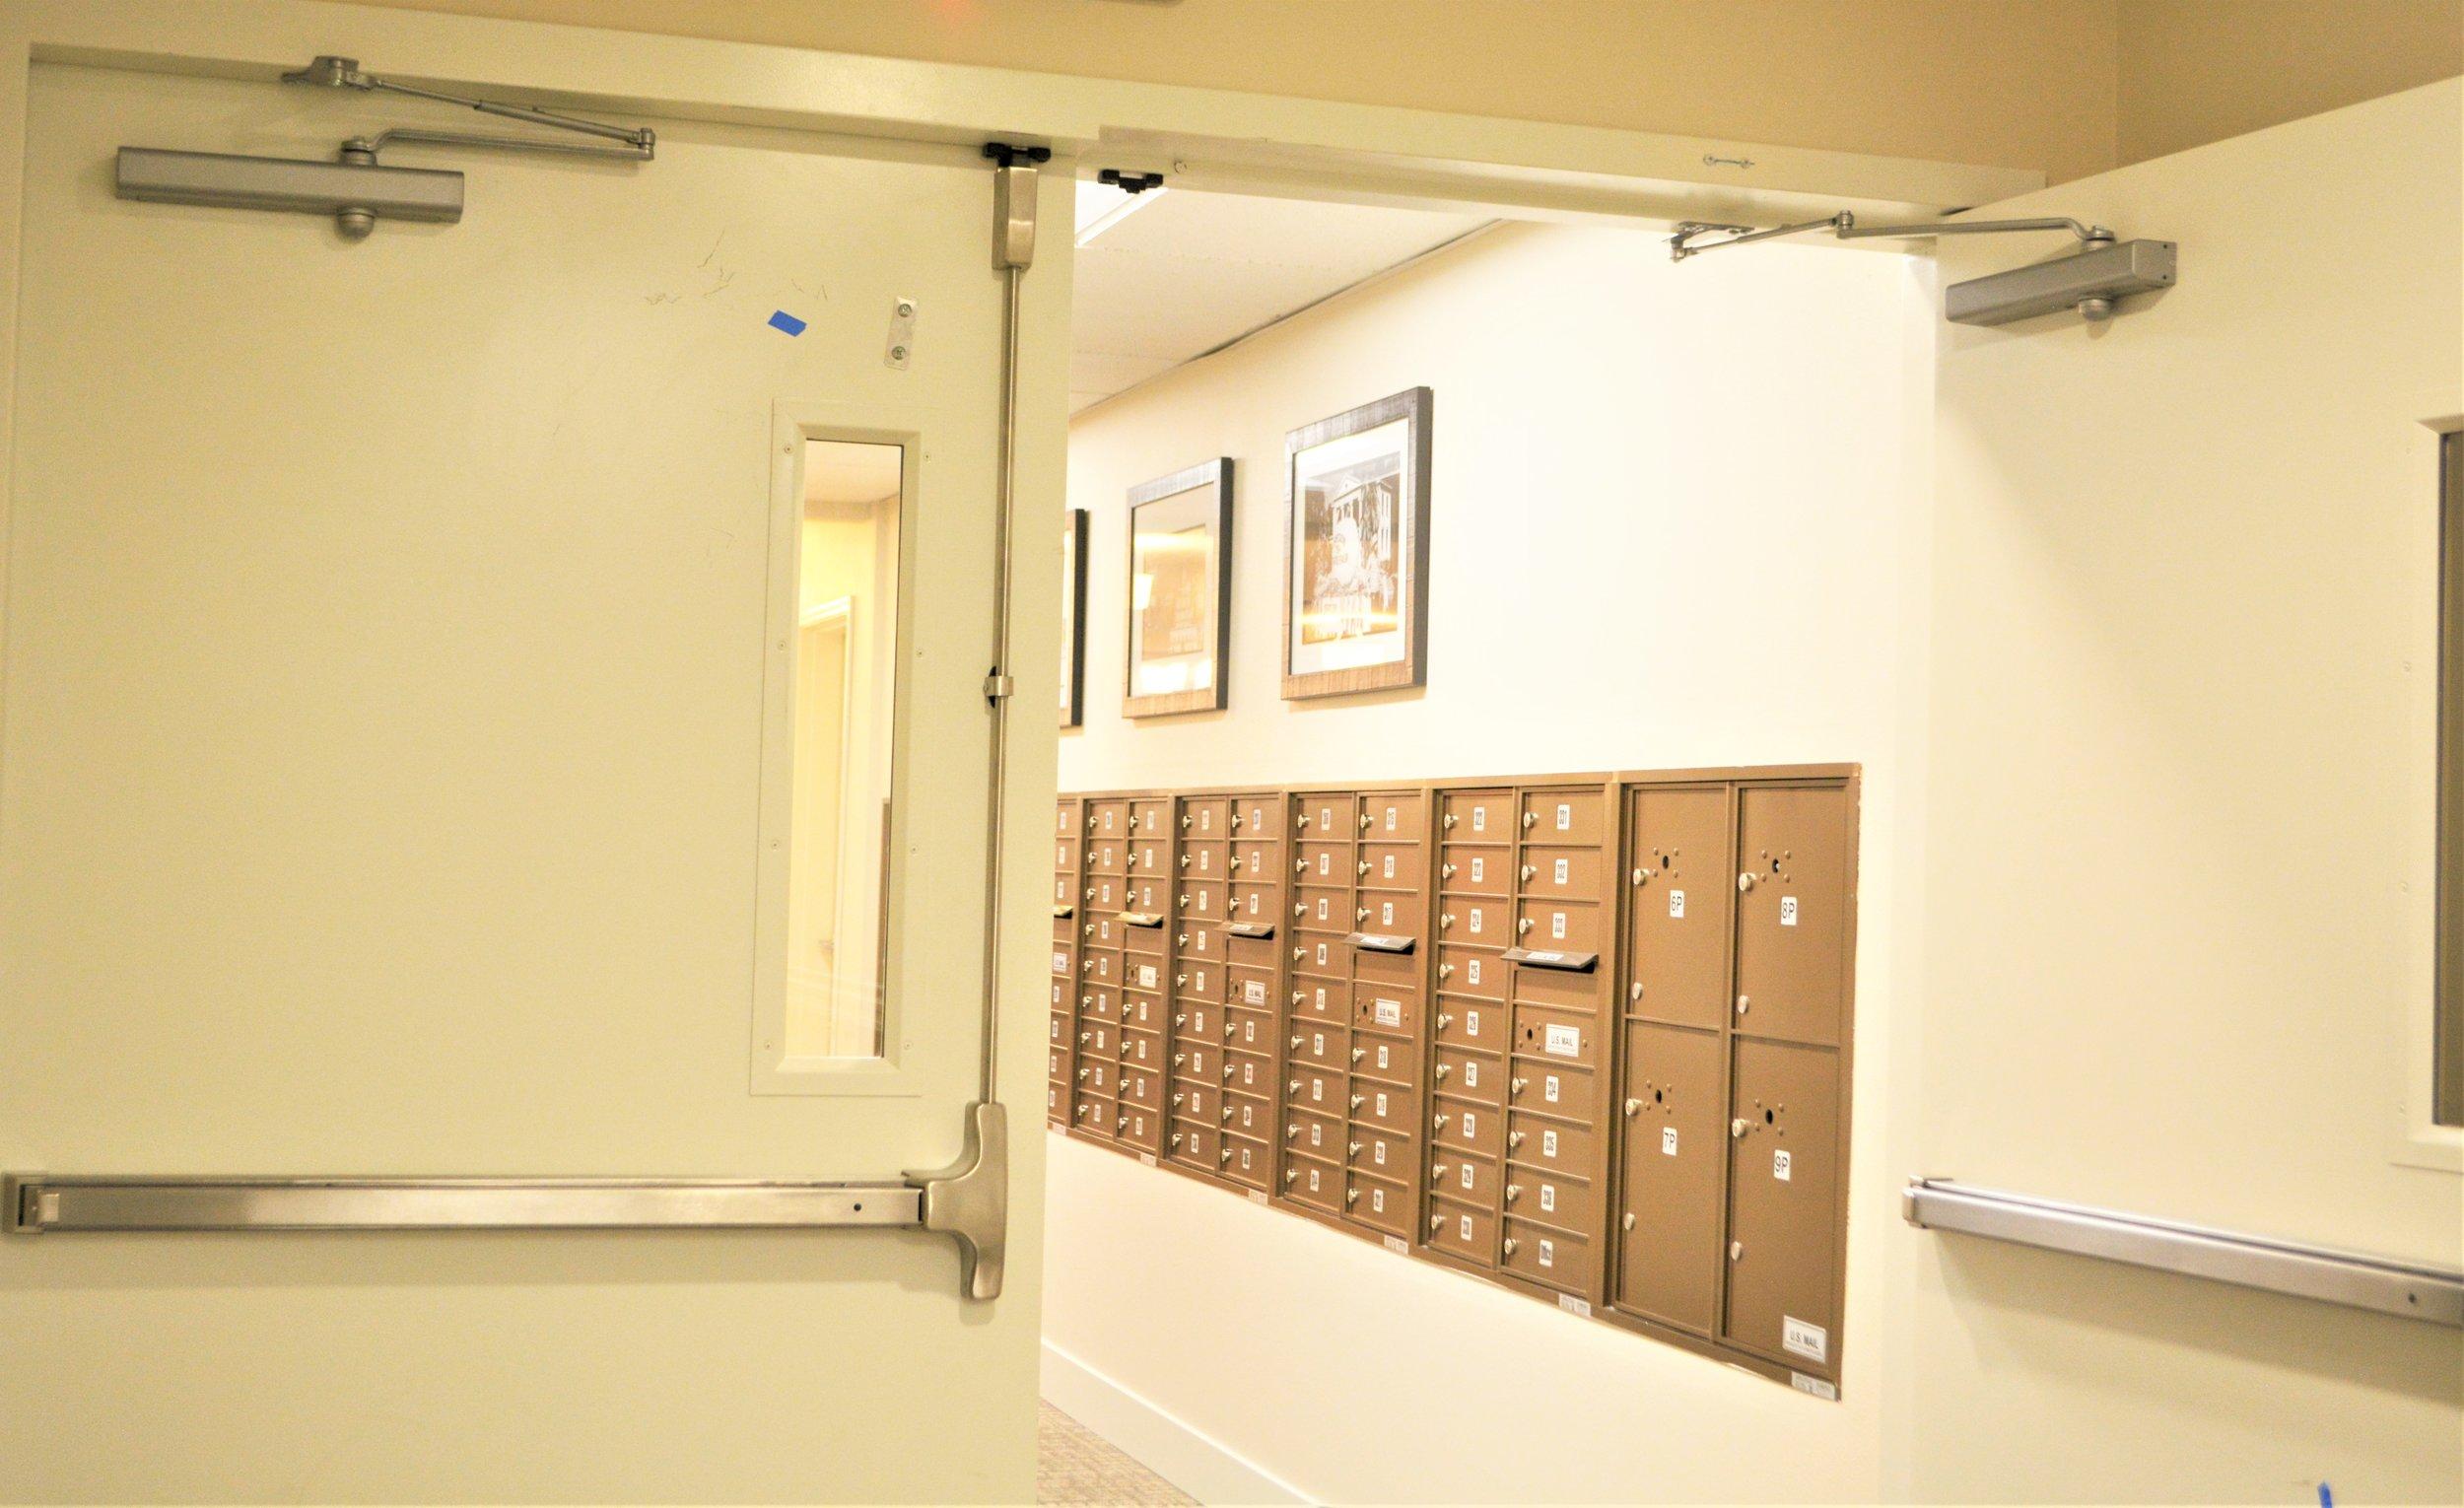 dr pkg mail boxes.JPG